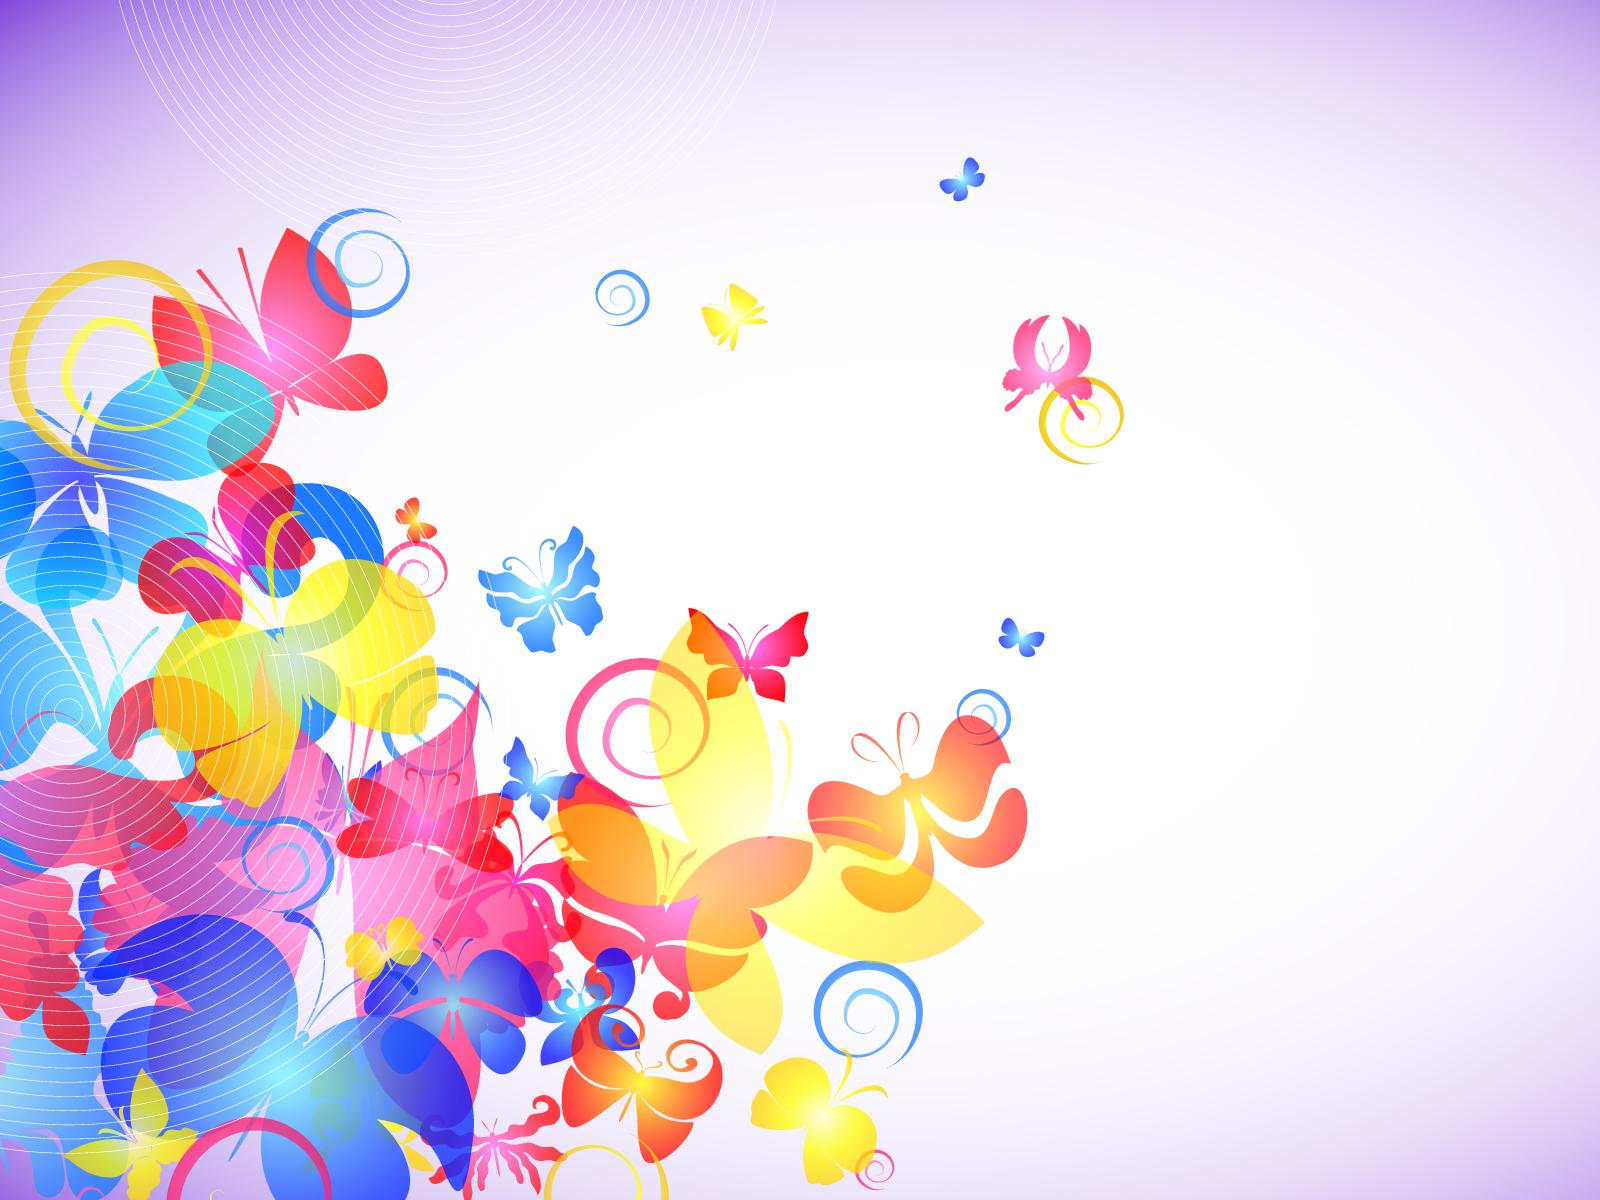 Banco de imagenes y fotos gratis wallpapers de mariposas 4 for Wallpaper styles and colors